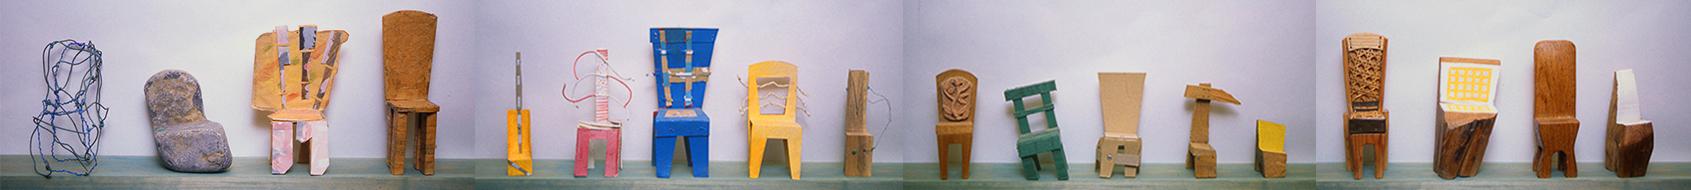 ChairsOnShelfColour.jpg